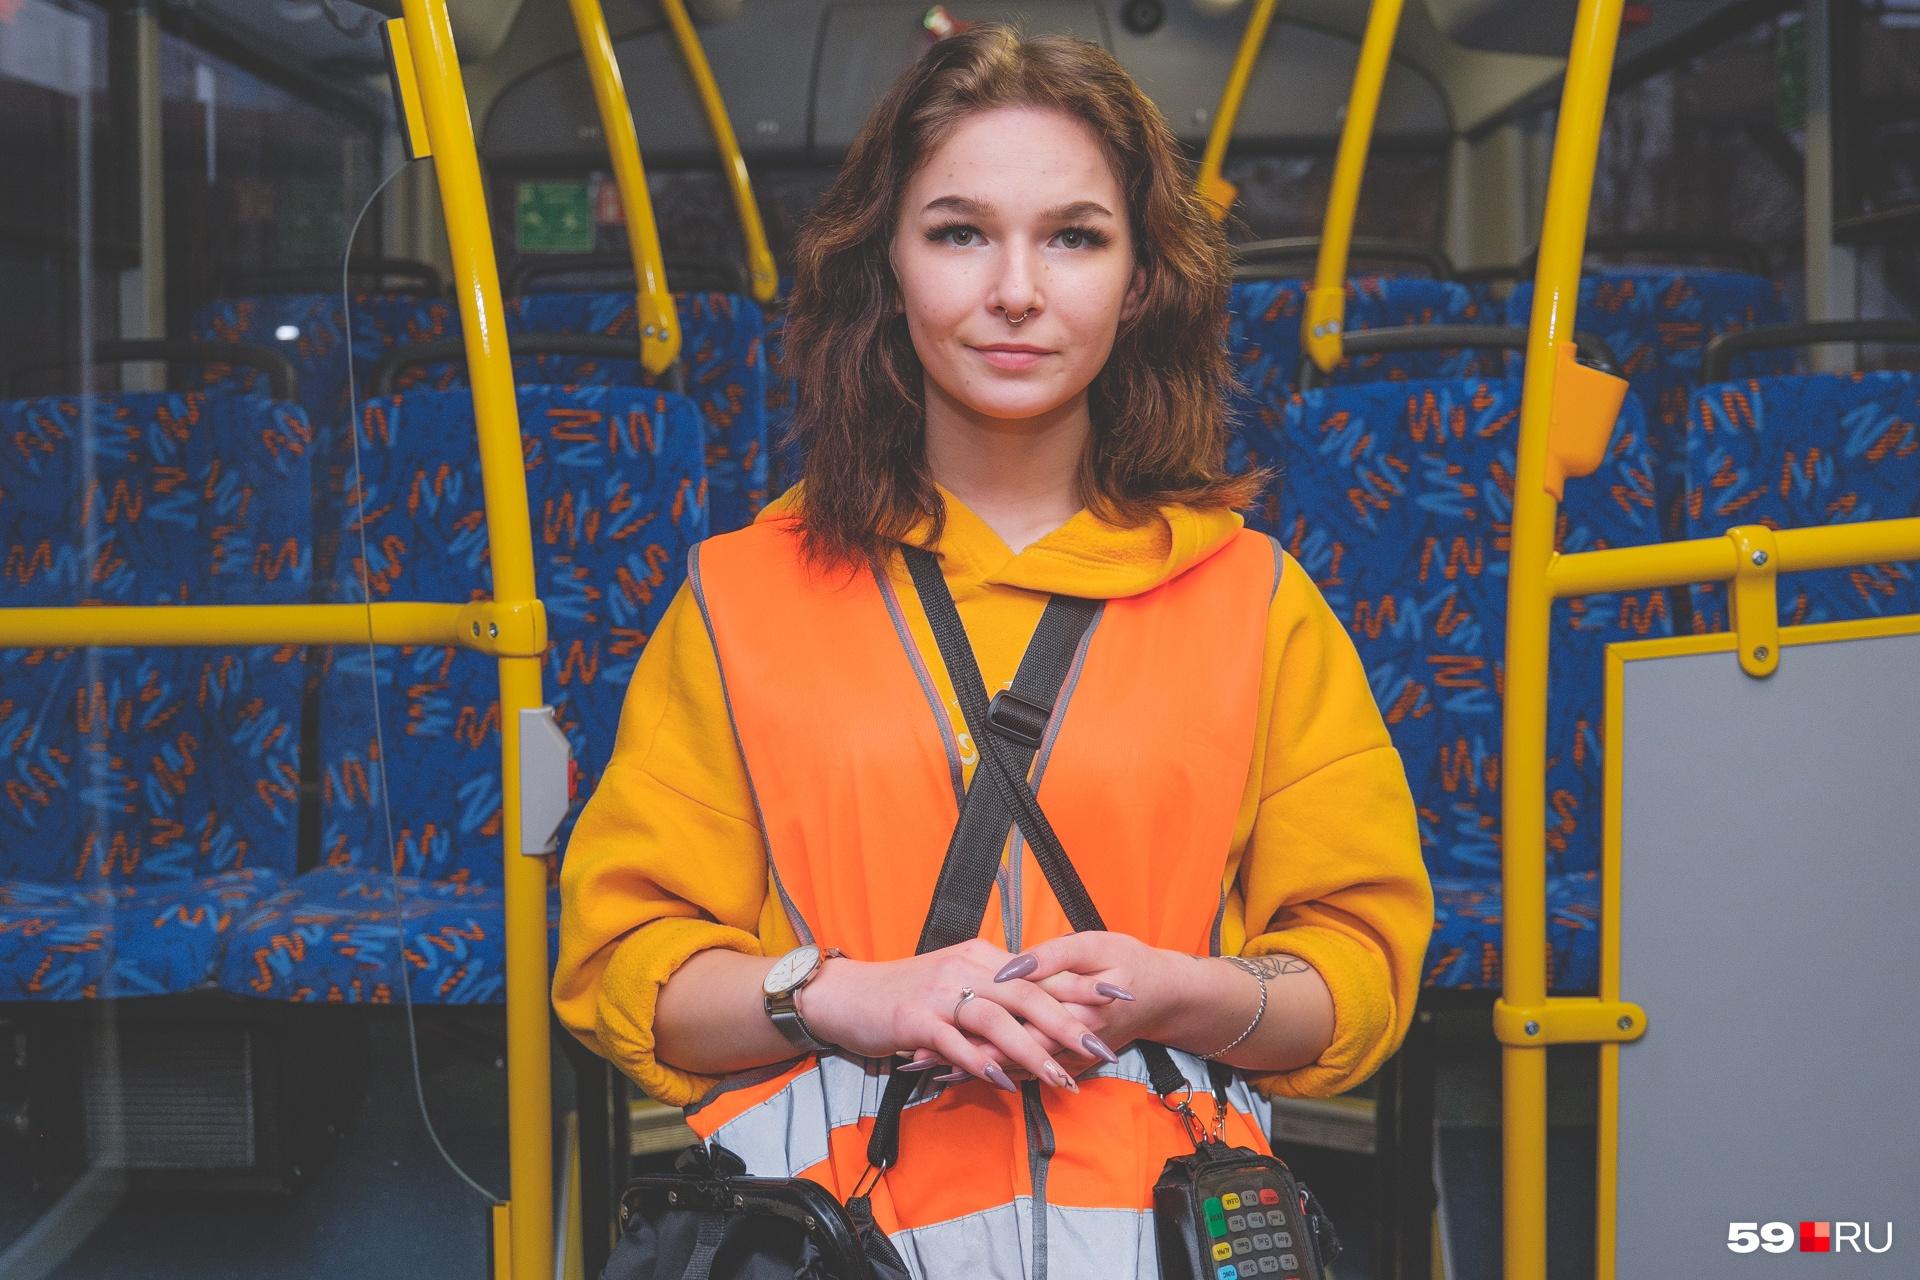 Девушка работает шесть дней в неделю по 12 часов и при этом ежедневно публикует по 5–10 видео (не только с работы)